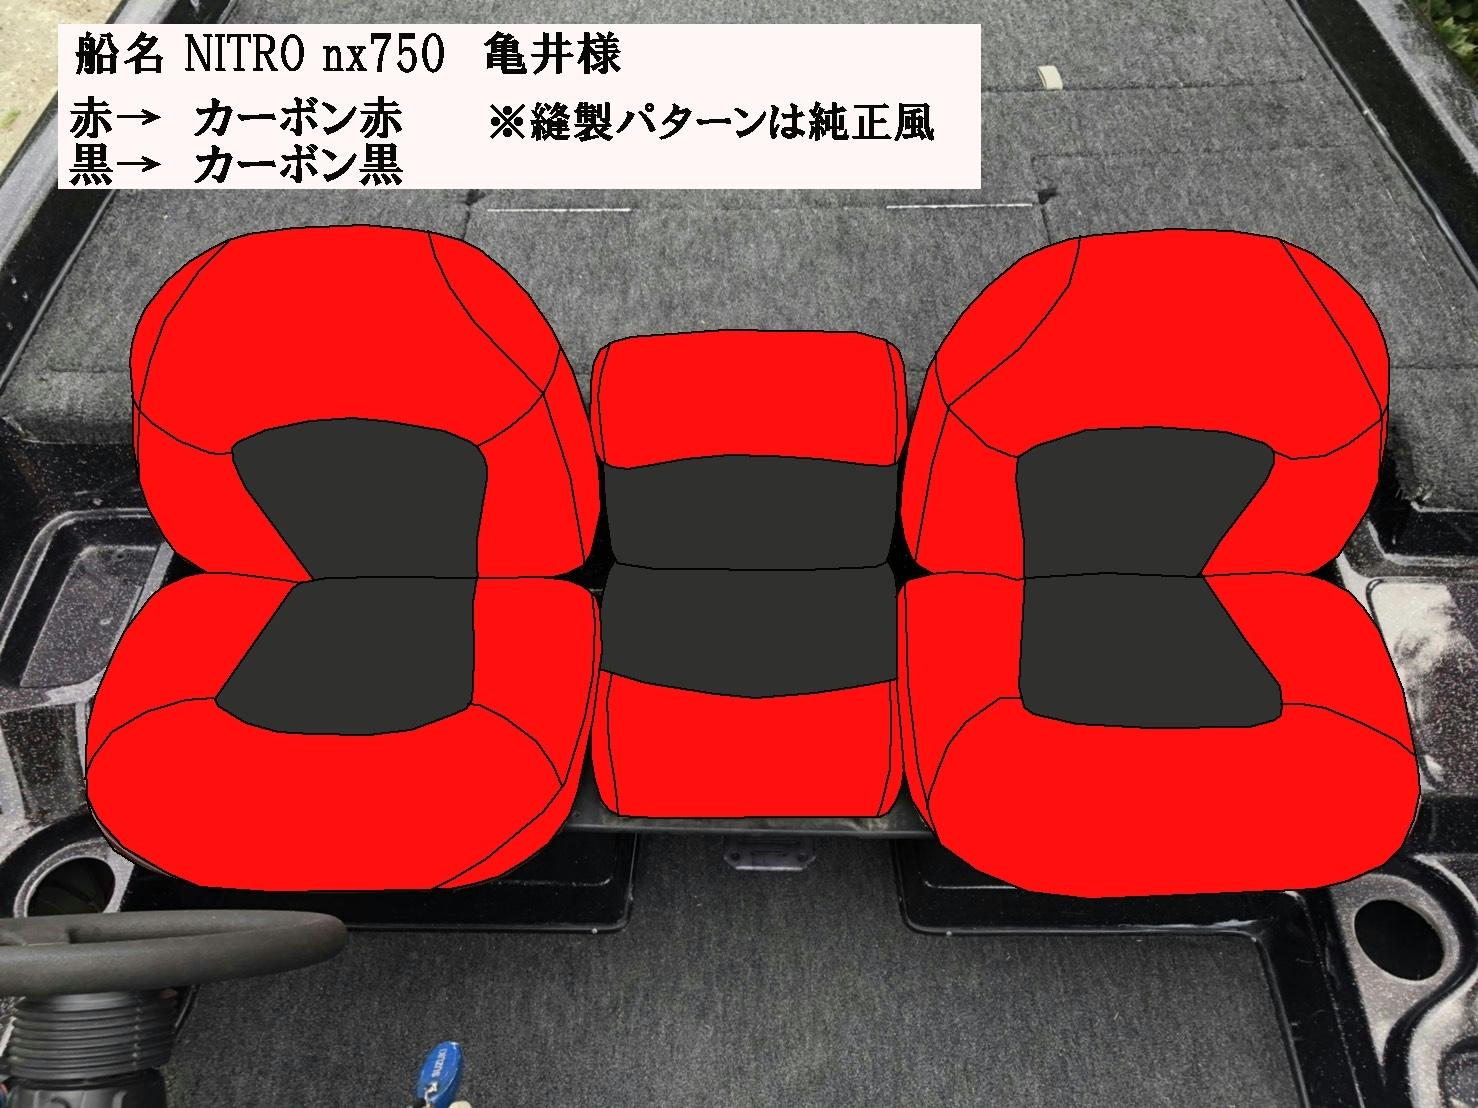 NITRO NX750シート張替えイメージ